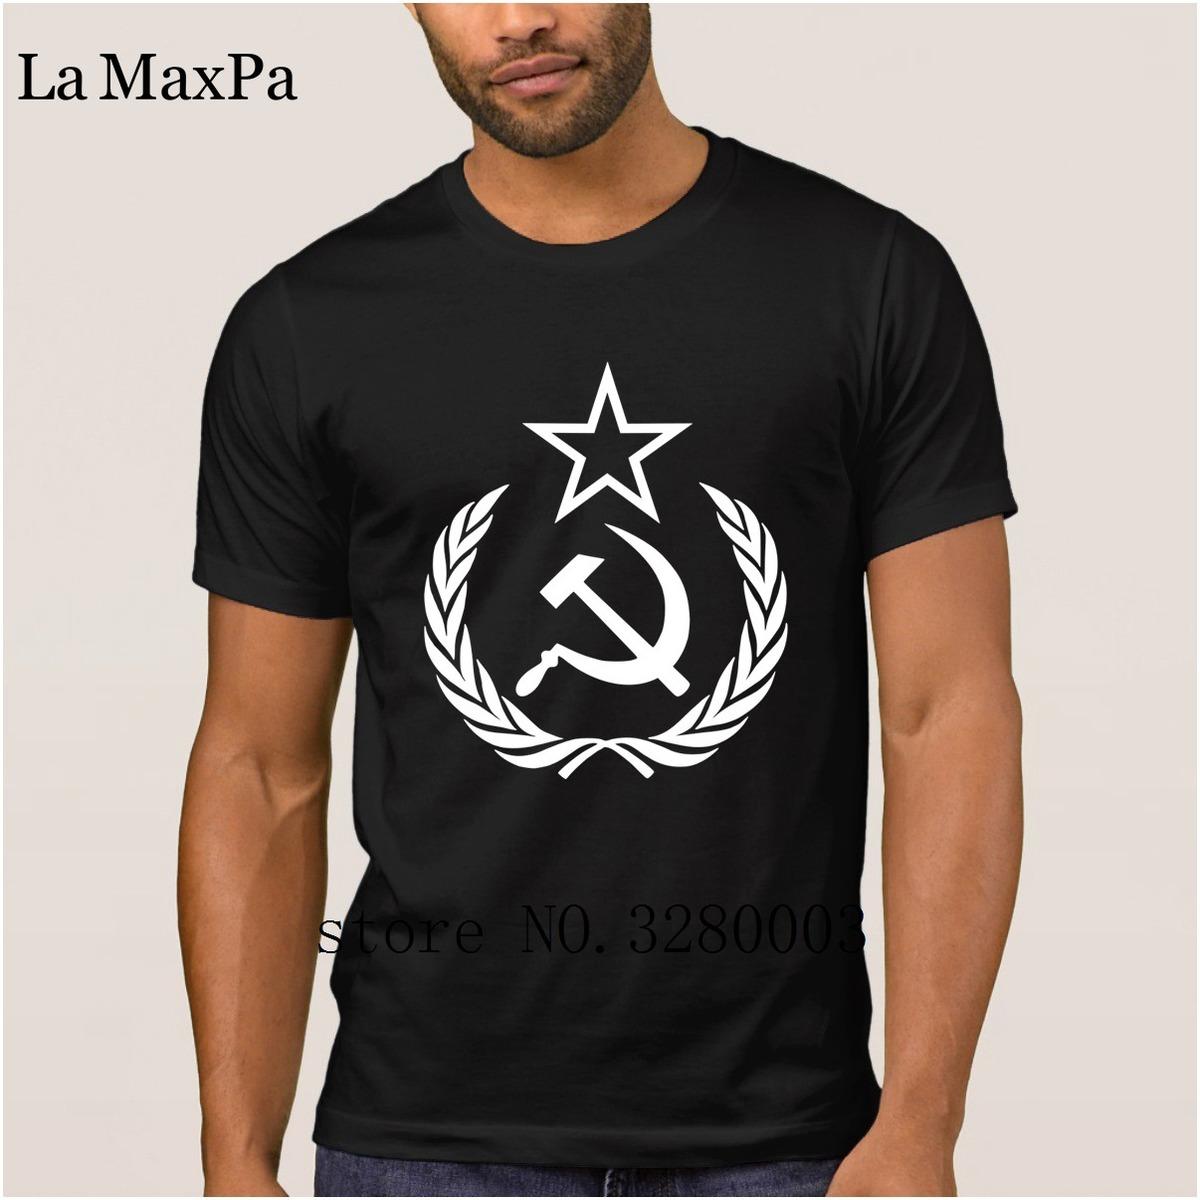 La Maxpa Design Authentic hommes t shirt marteau faucille étoile couronne t-shirt hommes Summer Style Unique tee shirt homme mâle vente chaude